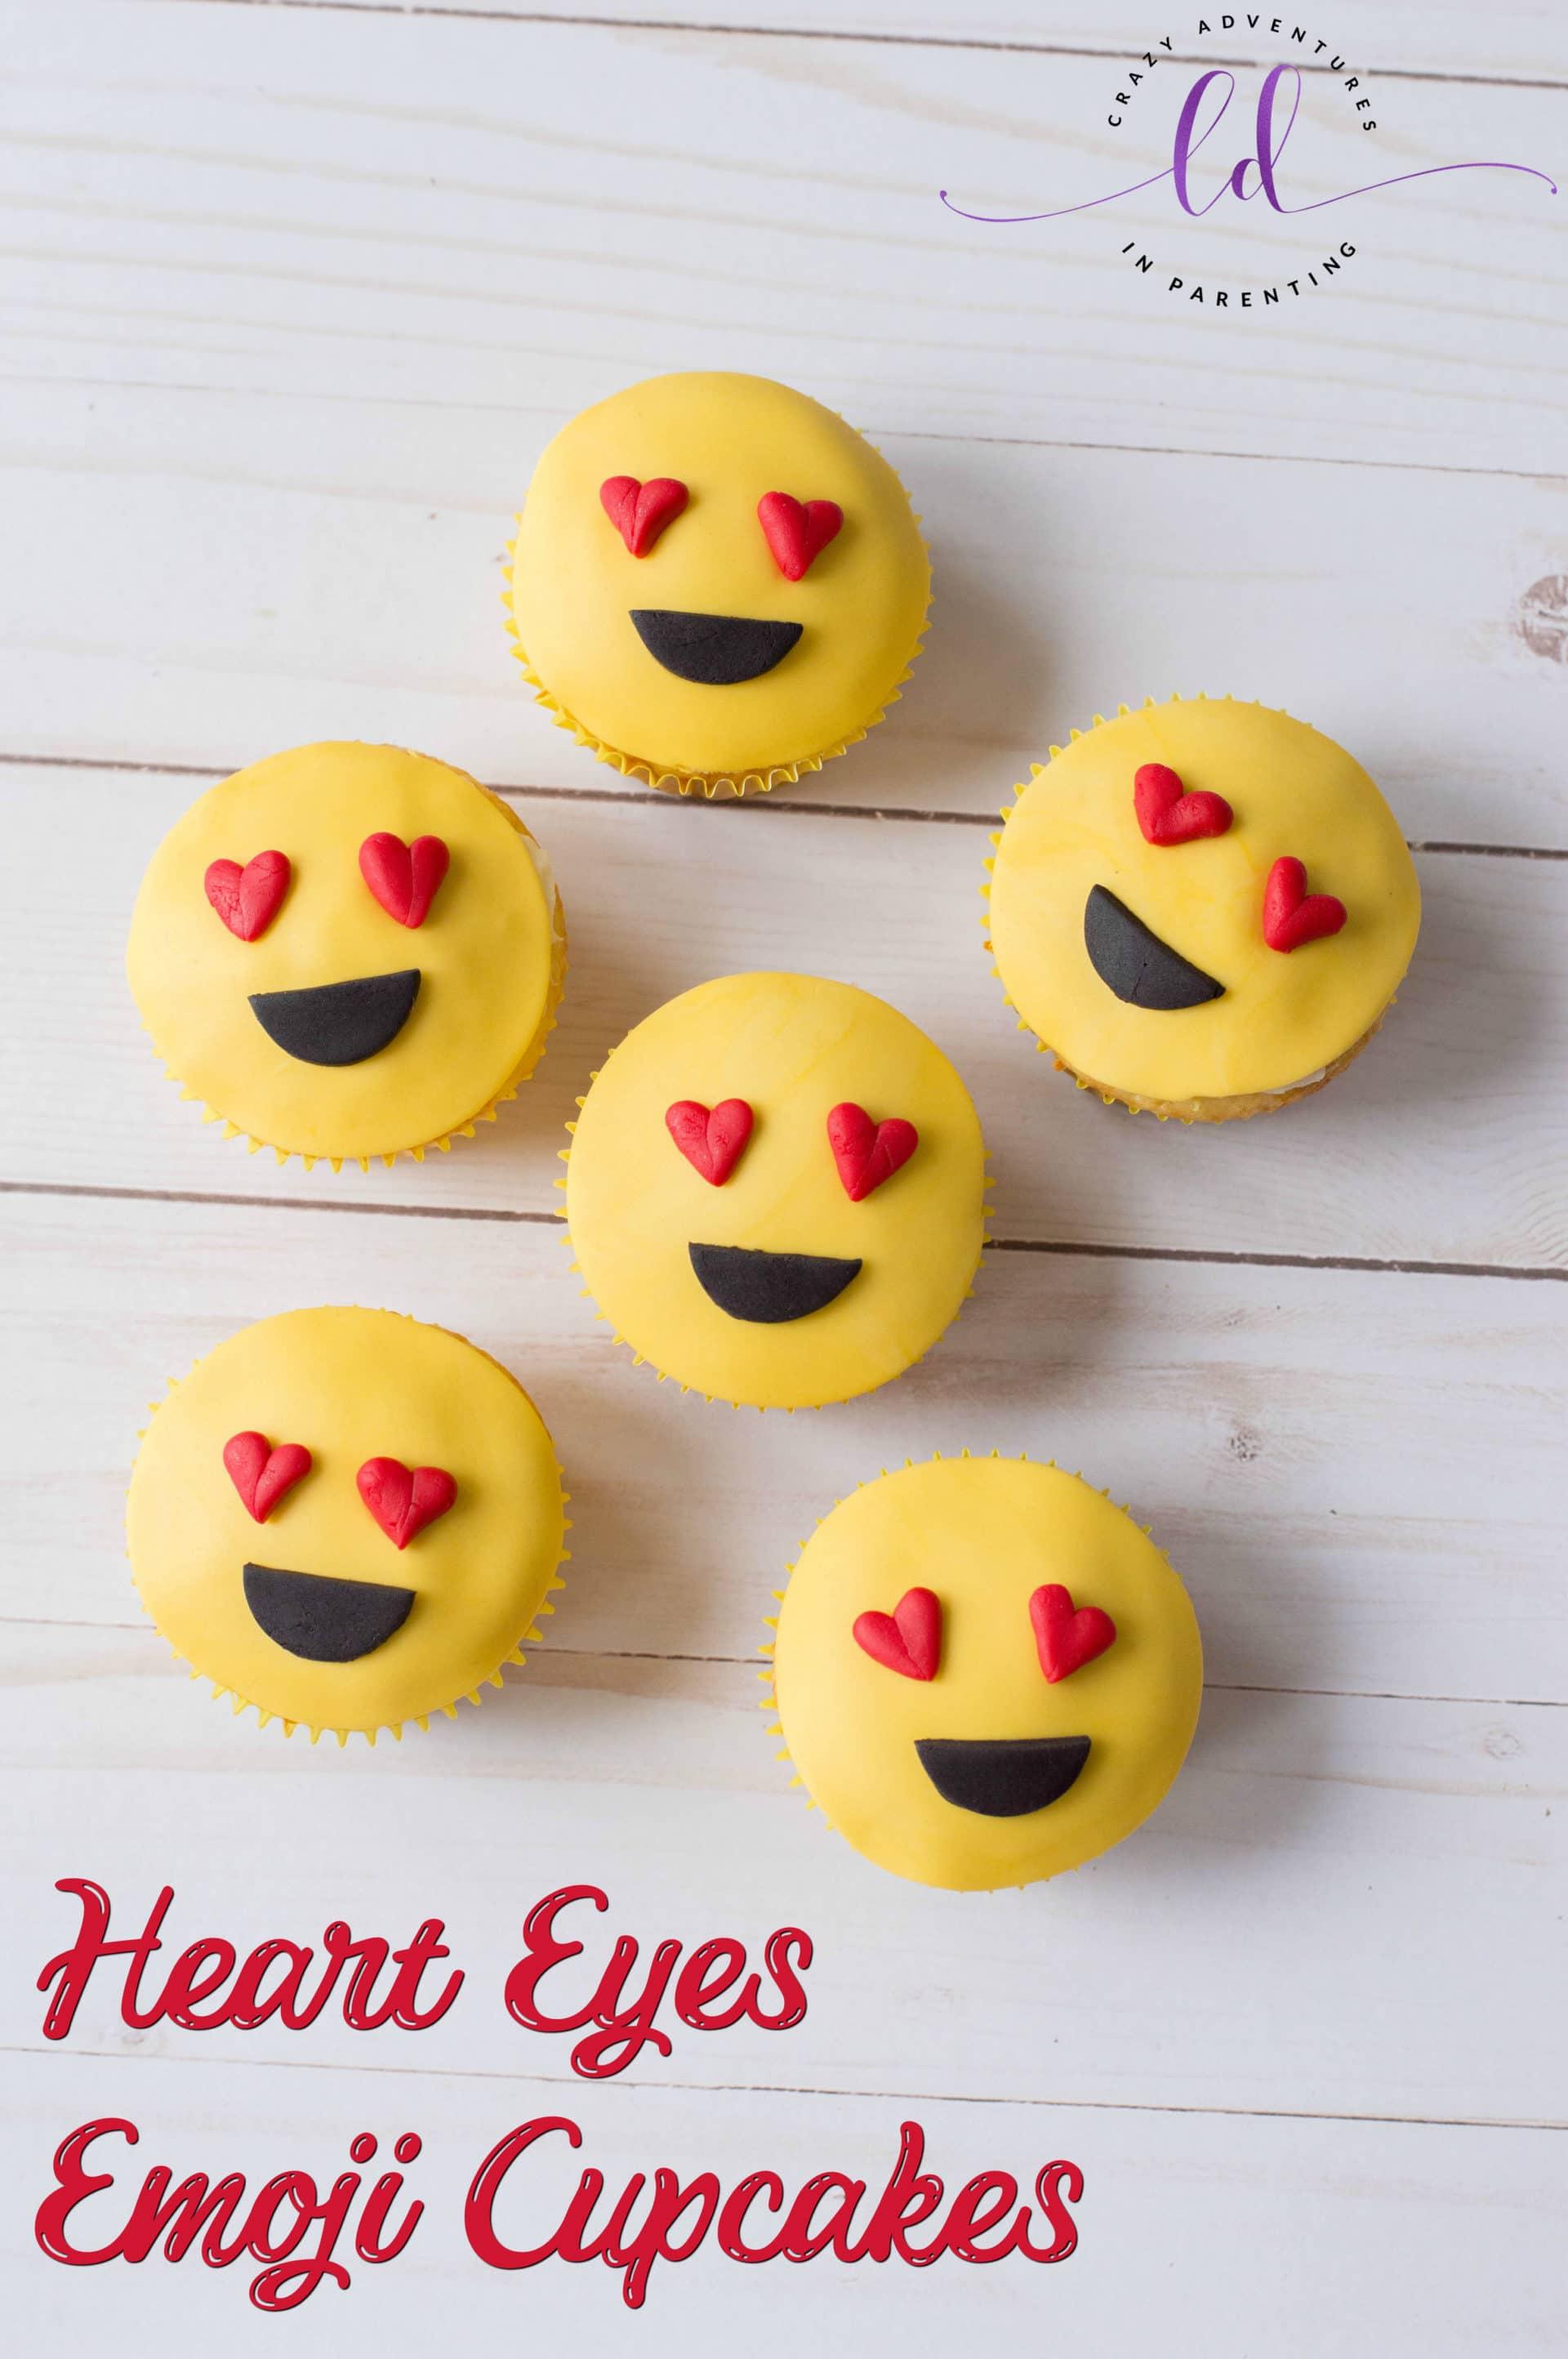 Heart Eyes Emoji Cupcakes